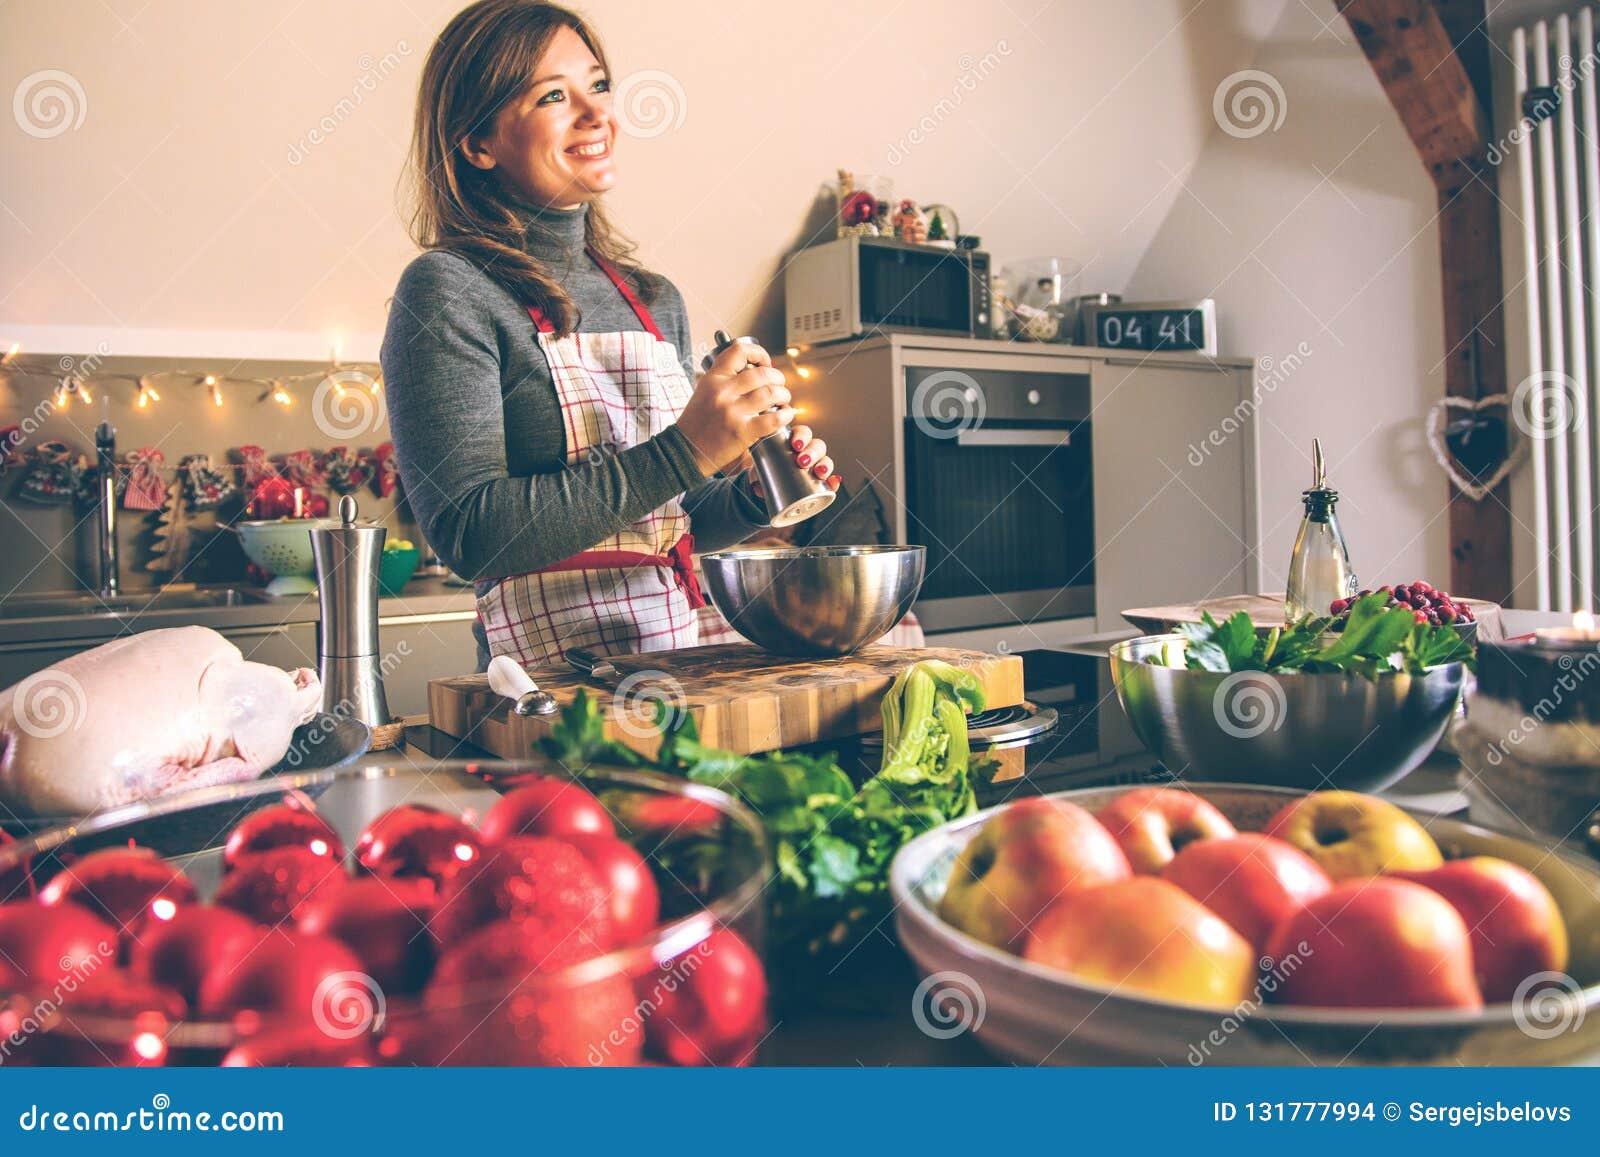 Junge Frau, die in der Küche kocht Gesunde Nahrung für Weihnachten angefüllte Ente oder Gans